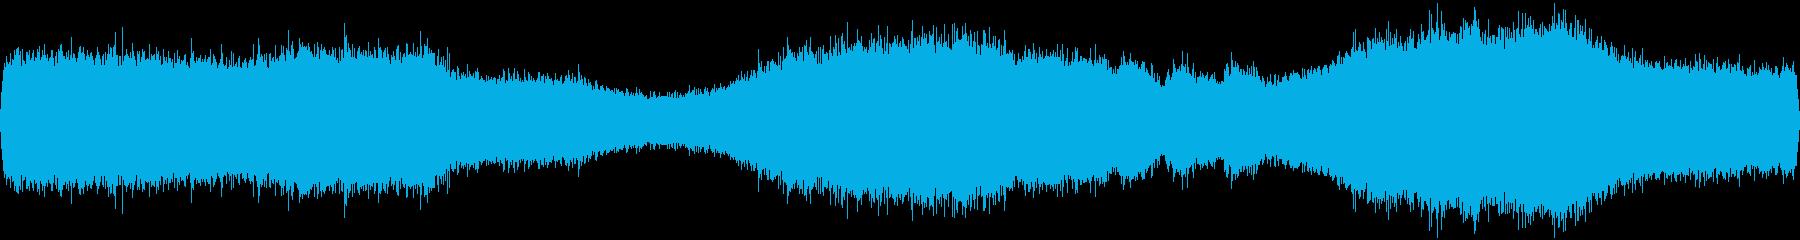 セミのフィールドレコーディングですの再生済みの波形